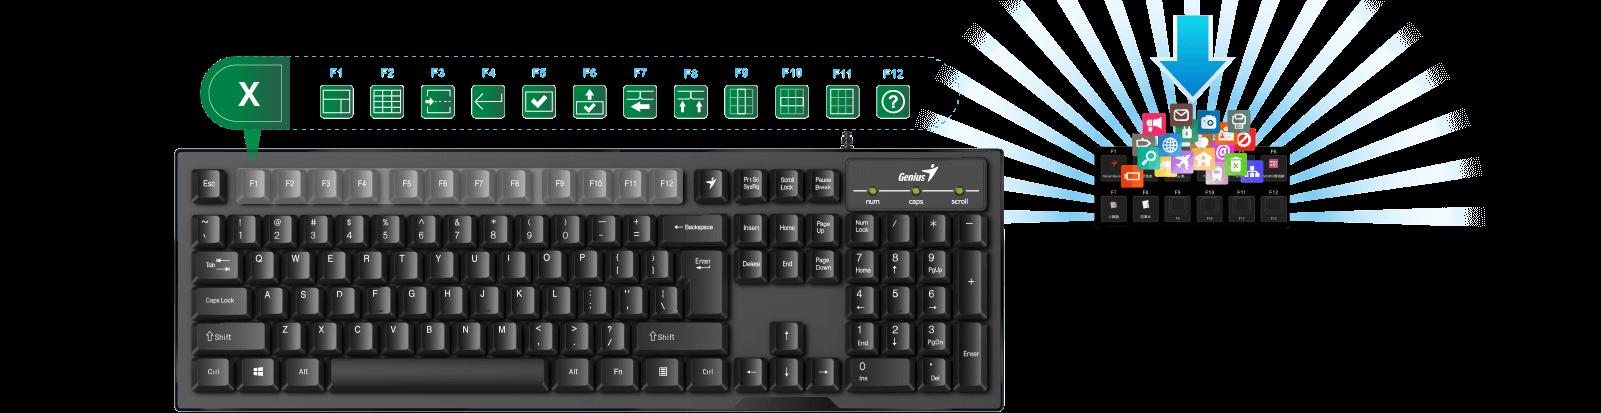 Genius Smart keyboard with Genius Key - Smart KB-102